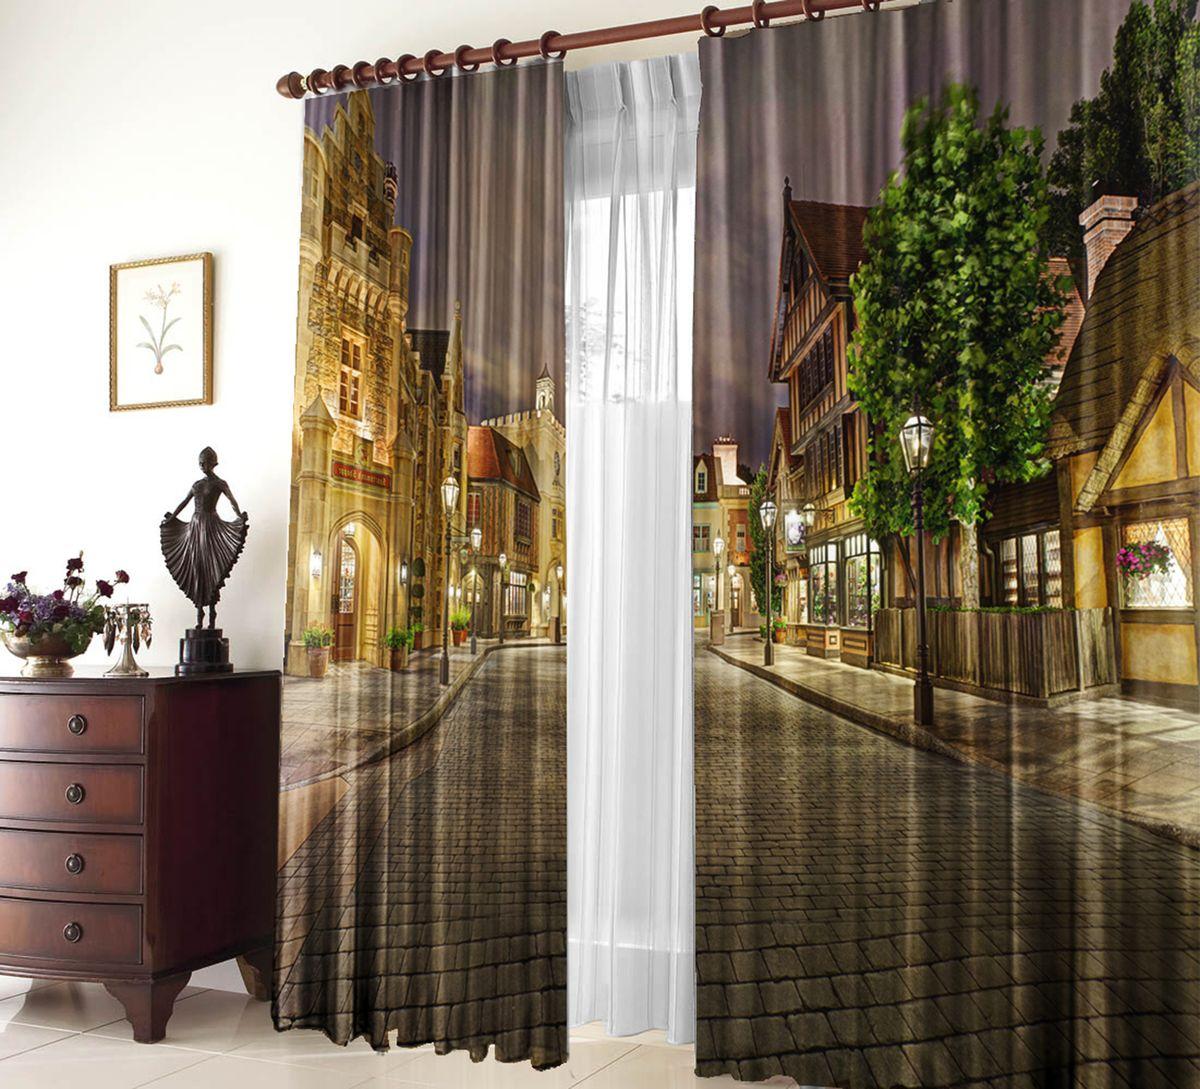 Комплект фотоштор Zlata Korunka Прага, на ленте, высота 270 см21146Фотошторы Blackout - это особый вид светонепроницаемой ткани, не выцветает, прекрасно драпируется и при этом очень хорошо сохраняет форму, отличается высокой плотностью полотна и хорошей износостойкостью, обладает высокими тепло- и звукоизоляционными свойствами. Уход: Бережная стирка при 30 градусах, деликатный отжим, отбеливание запрещено, ткань blackout не требует глажки. Светопоглощение - 100%. Размер: шир. 150 х выс.270 - +/- 3см. Крепление – универсальная шторная лента. Оттенок изделия может отличаться от представленного на сайте в силу особенностей цветопередачи фототехники и Вашего монитора.